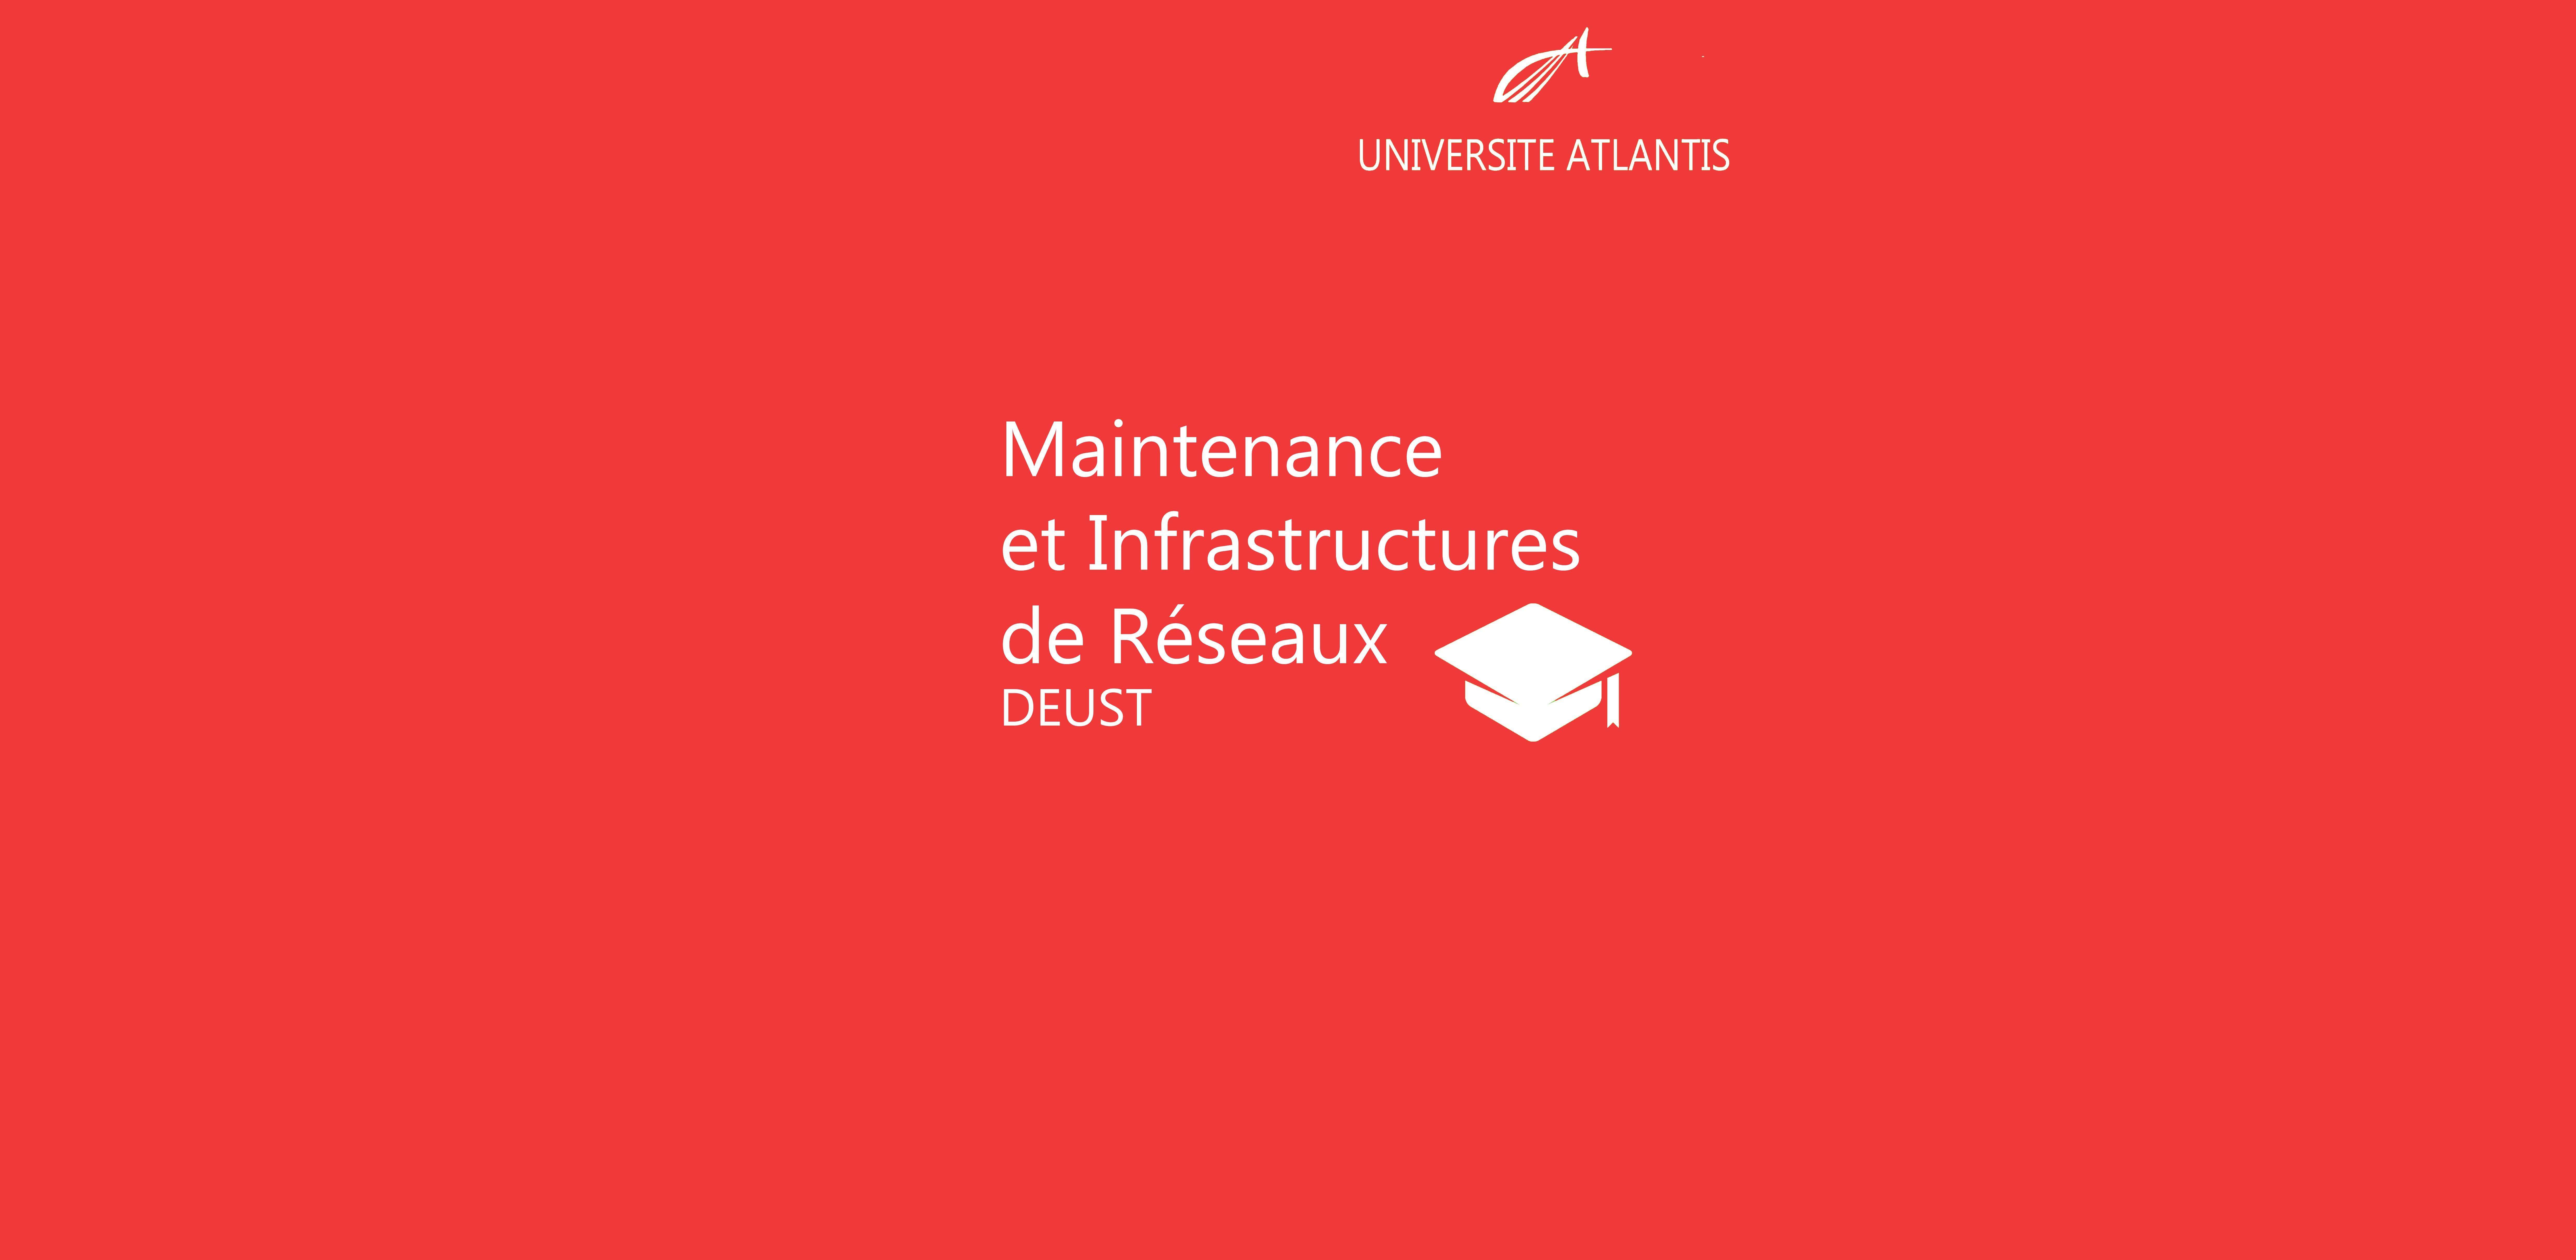 Maintenance et Infrastructures de Réseaux